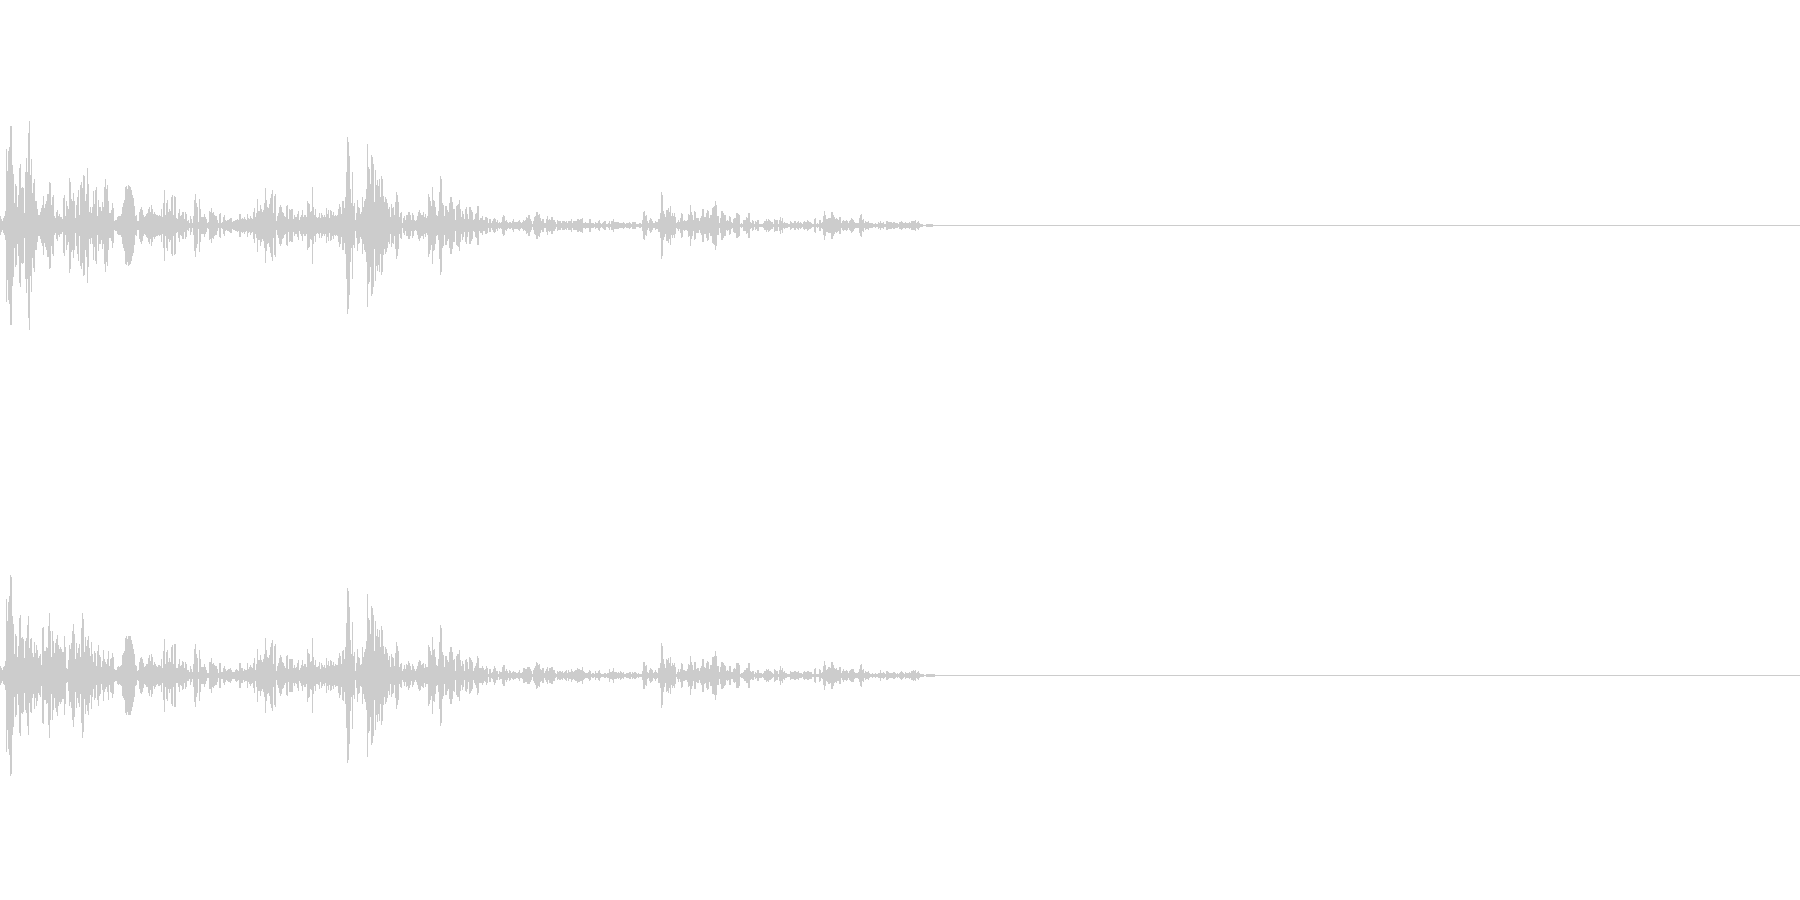 ガブッ(かみつく音)の未再生の波形